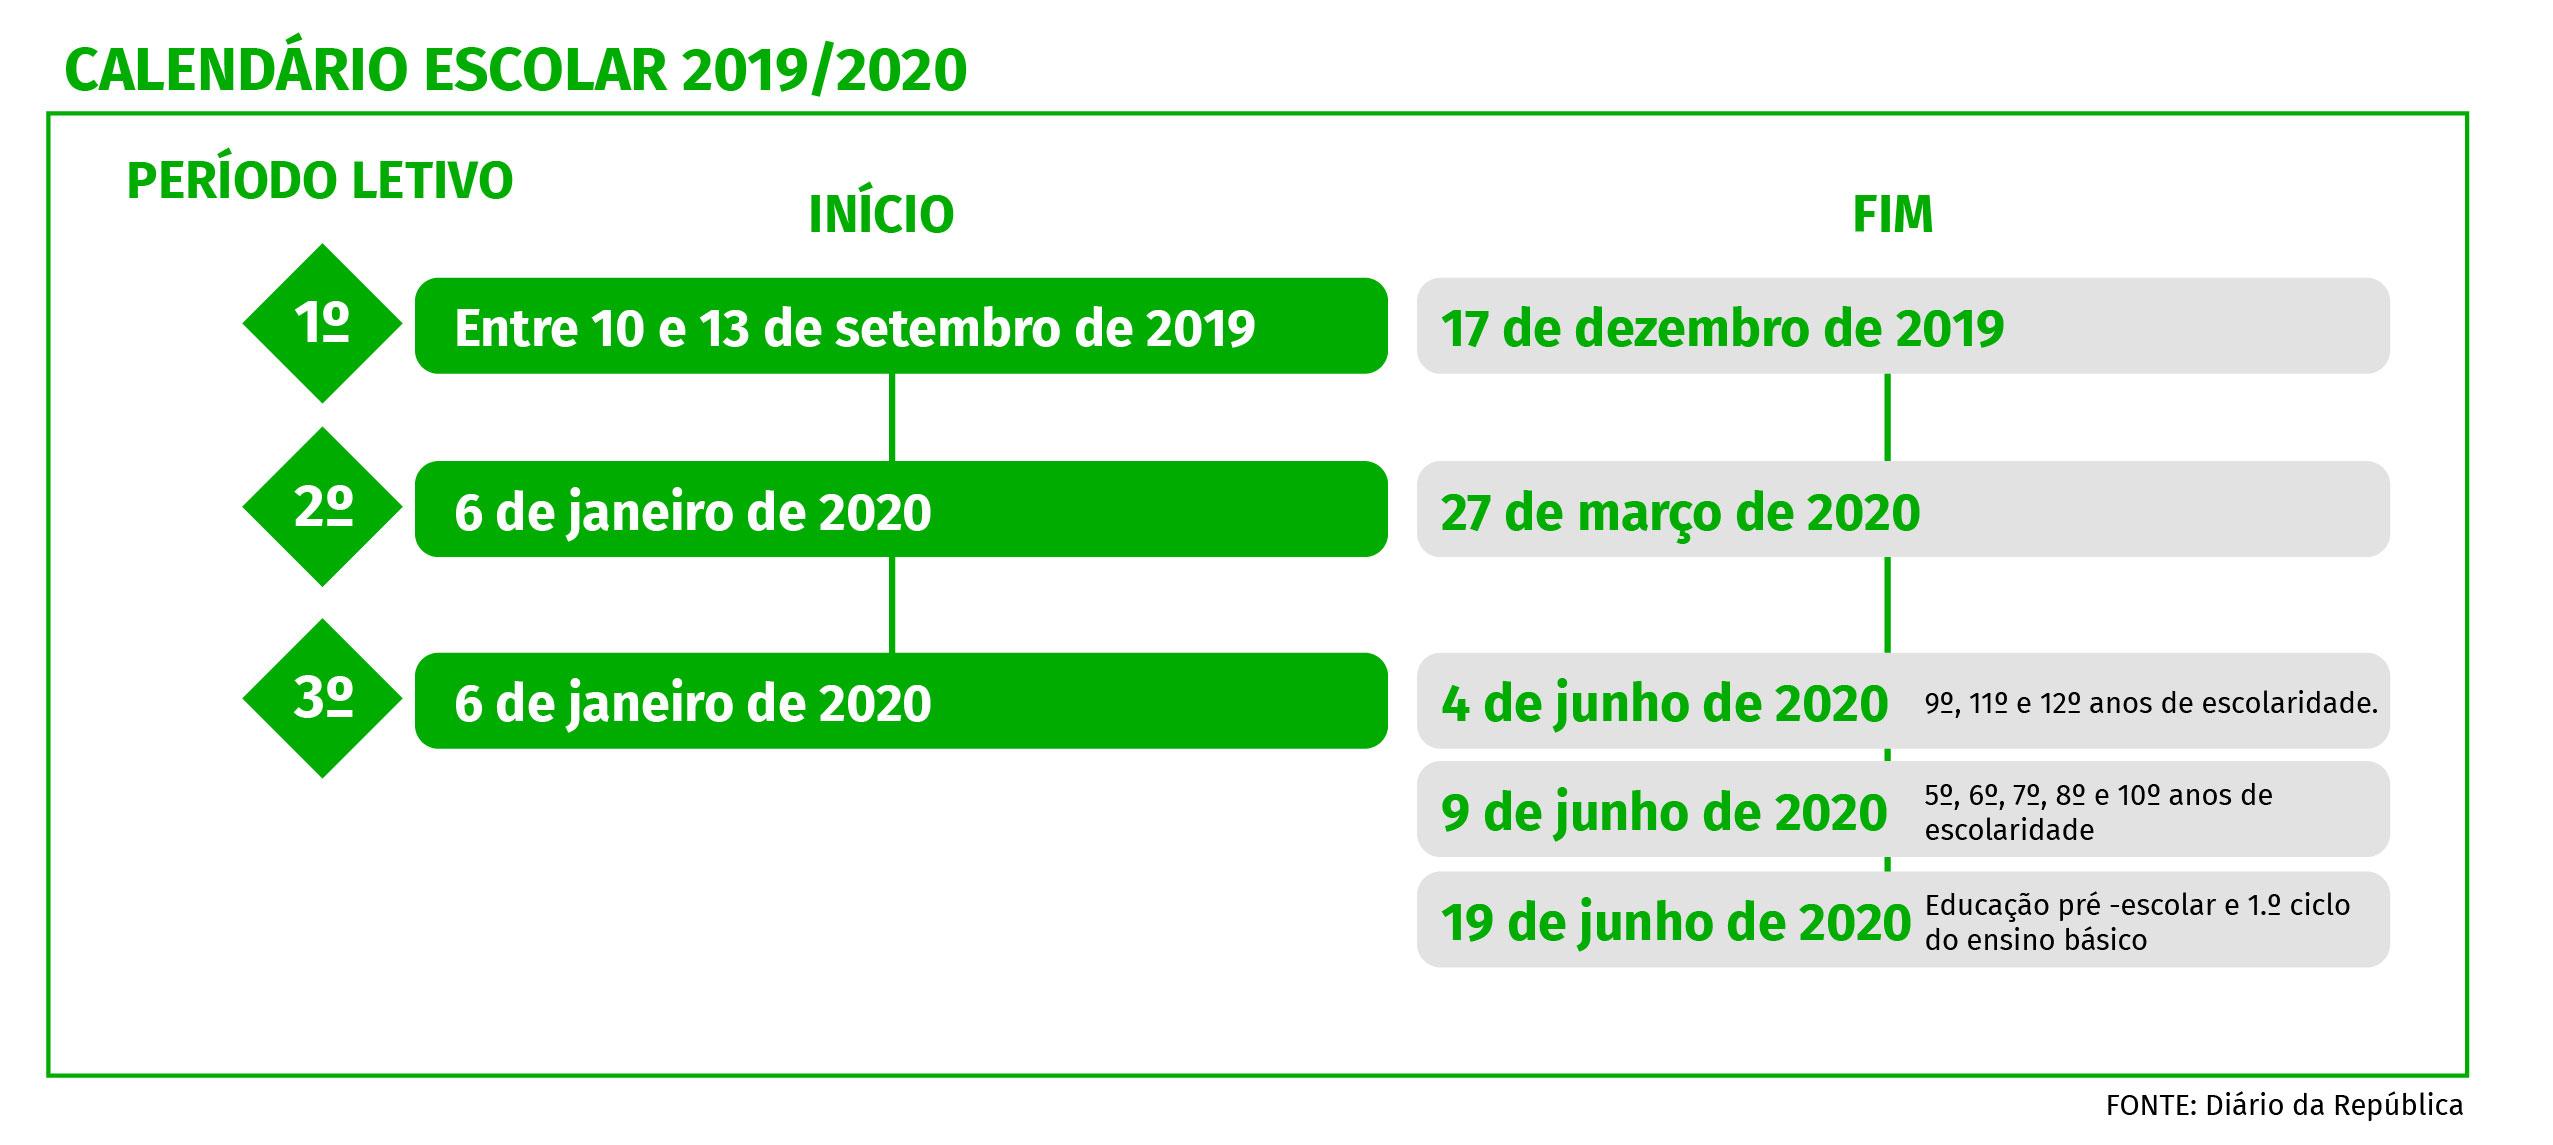 Calendario 2020 Portugues Com Feriados.Ja Ha Calendario Escolar Para 2019 2020 Veja Quando Sao As